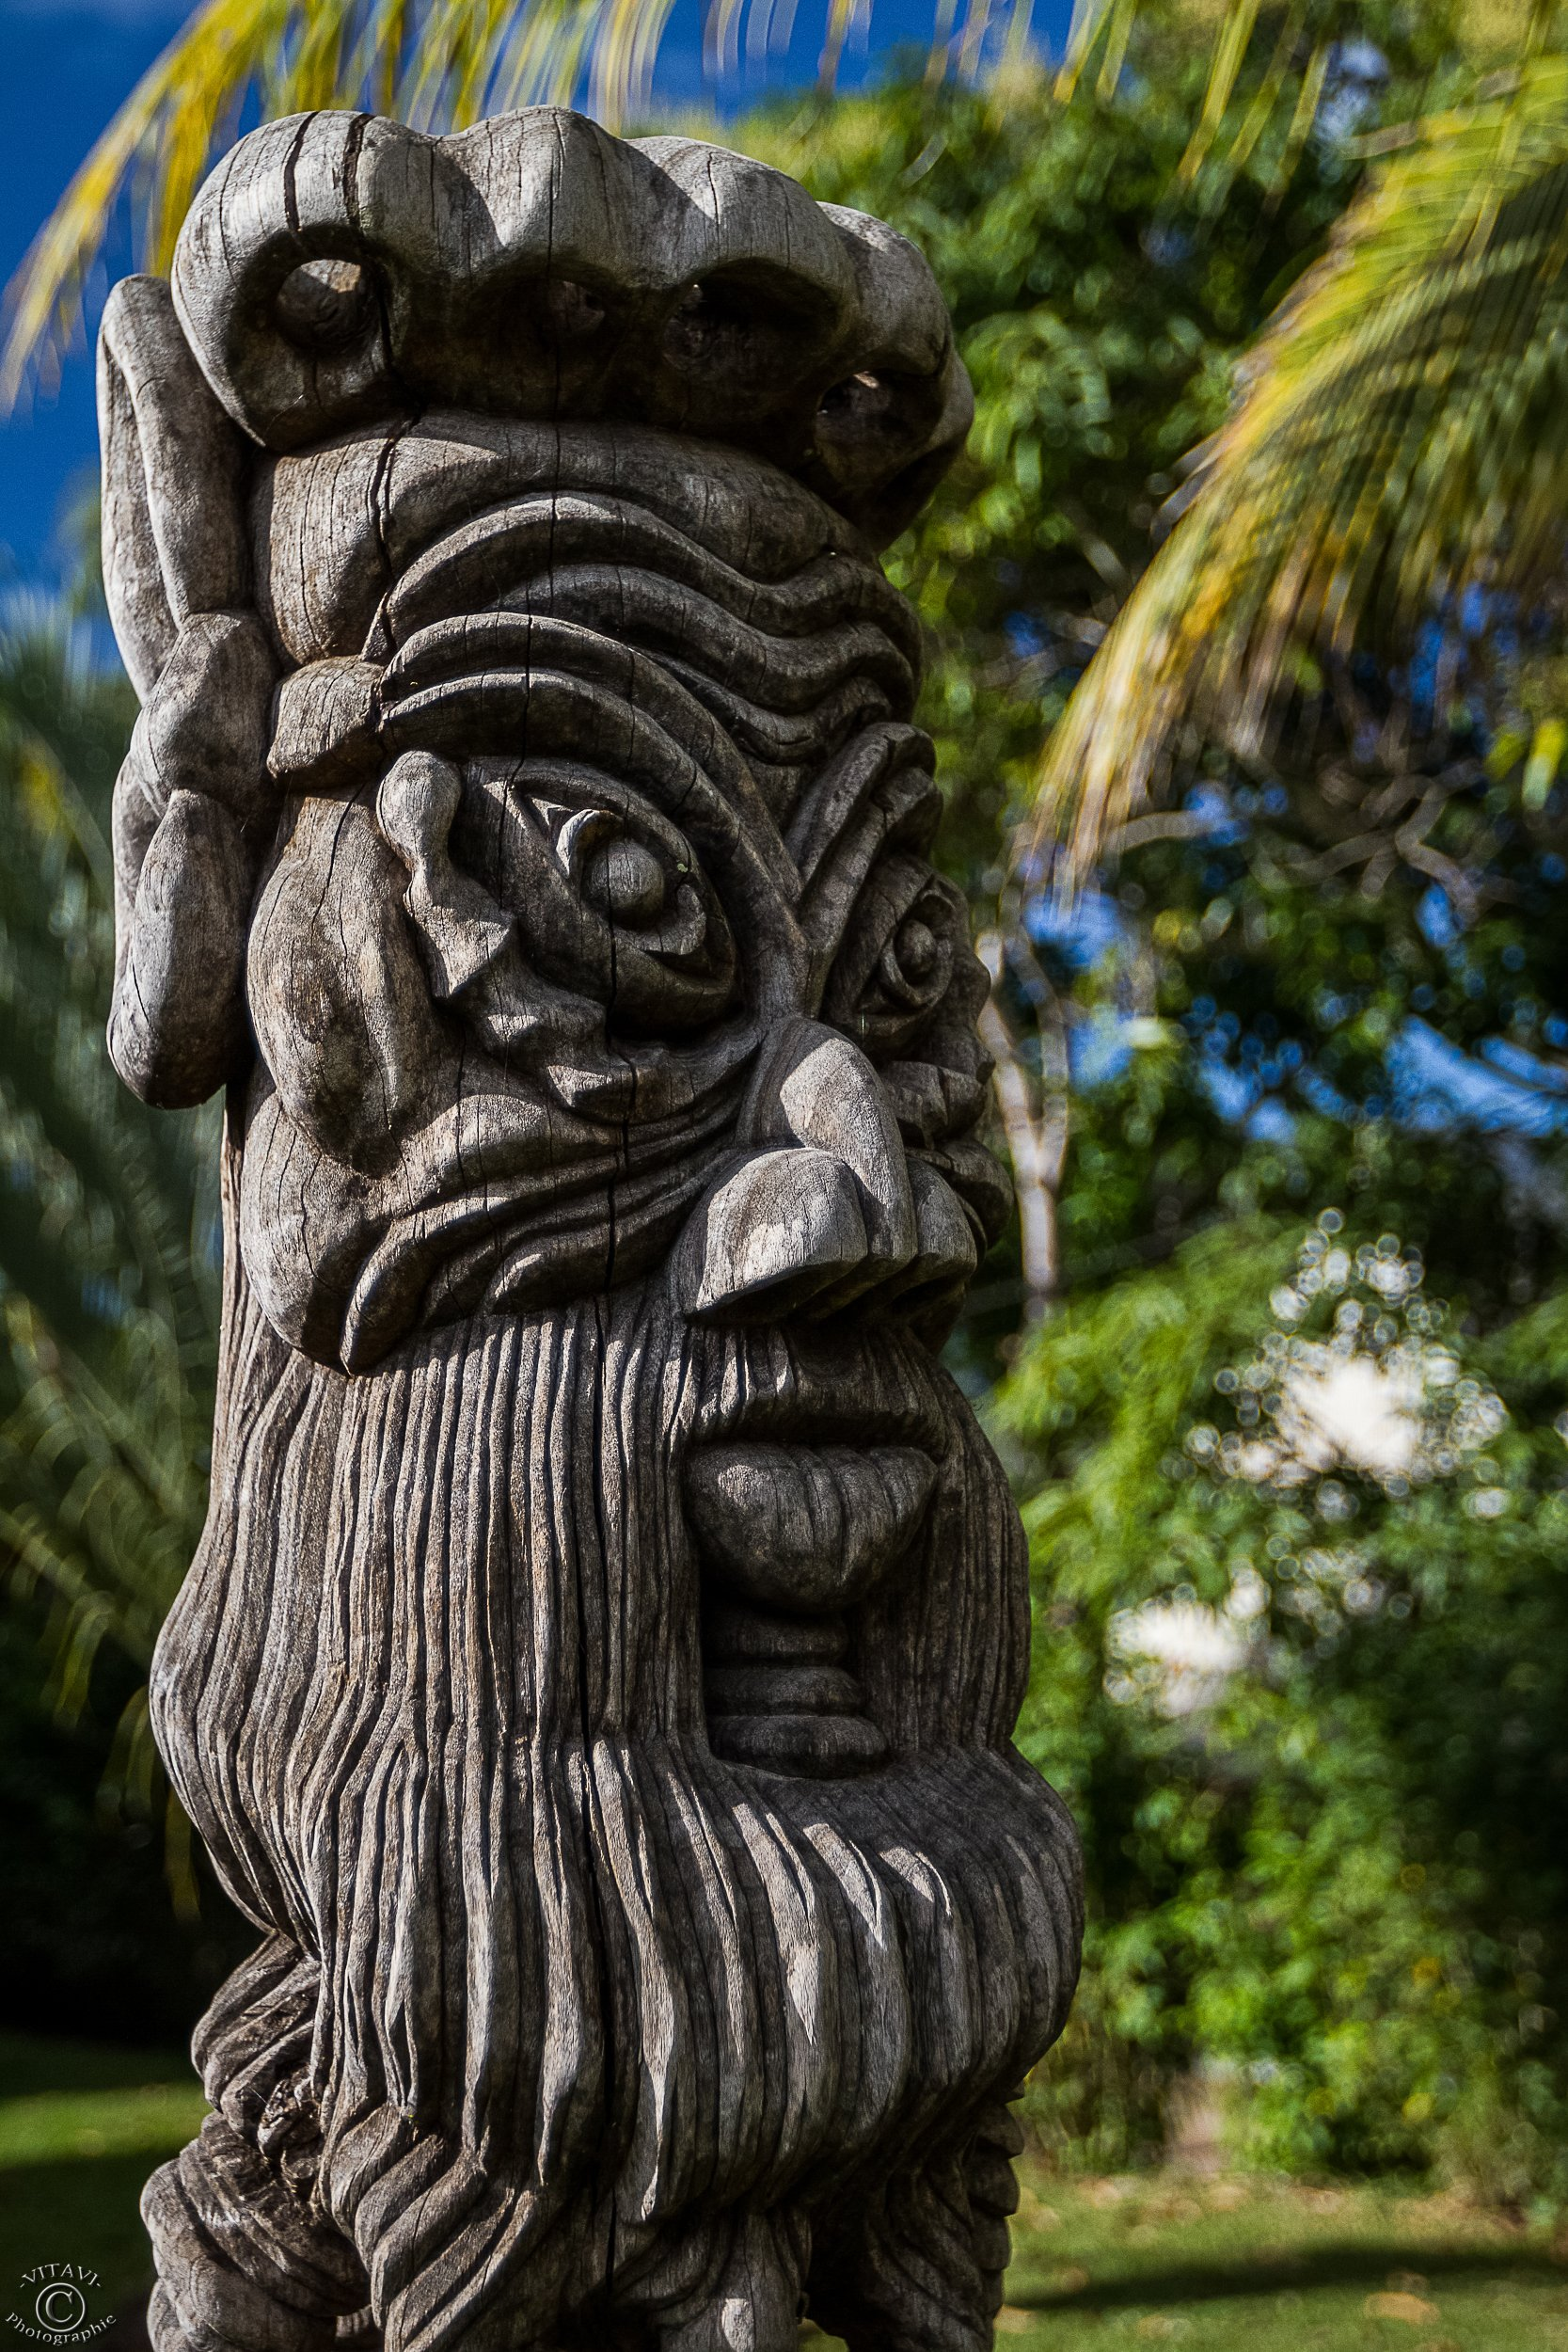 6-Day Heritage New Caledonia - New Caledonia Itinerary